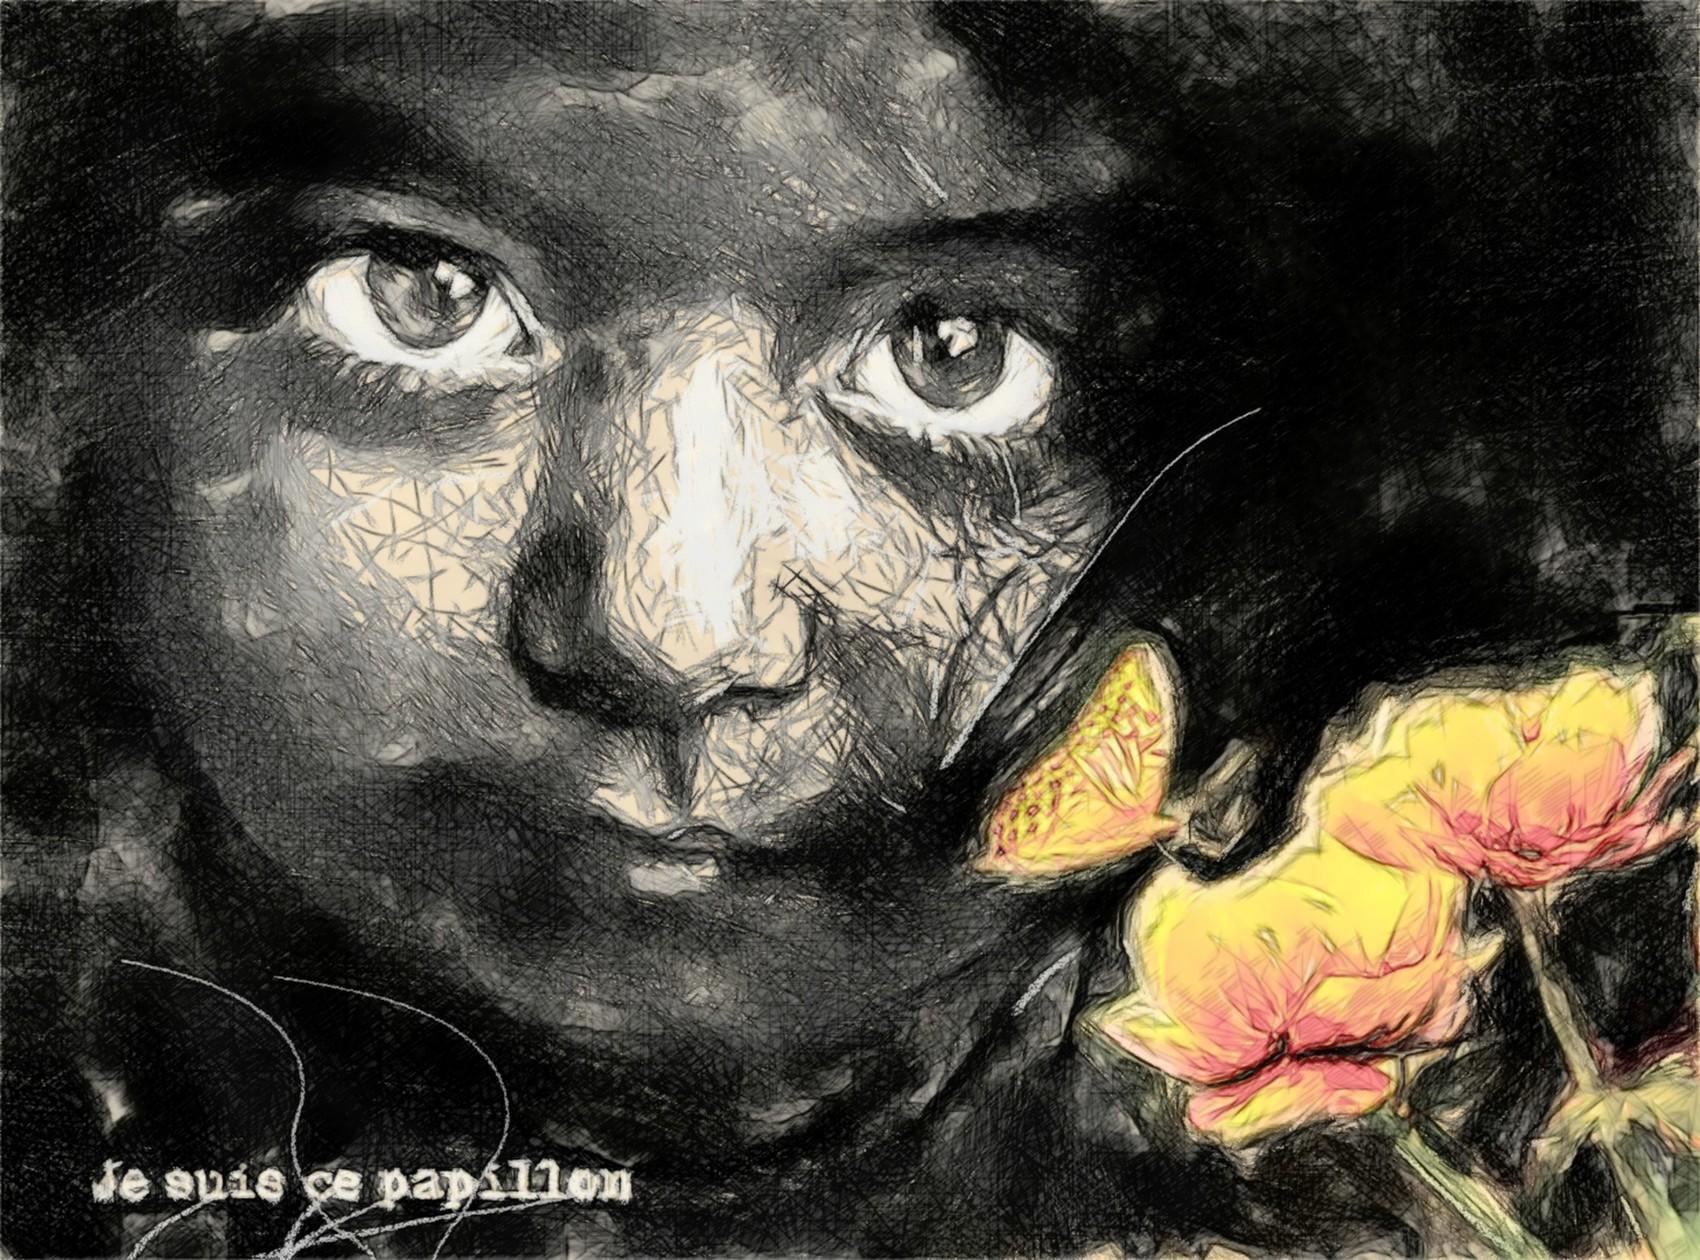 je suis ce papillon